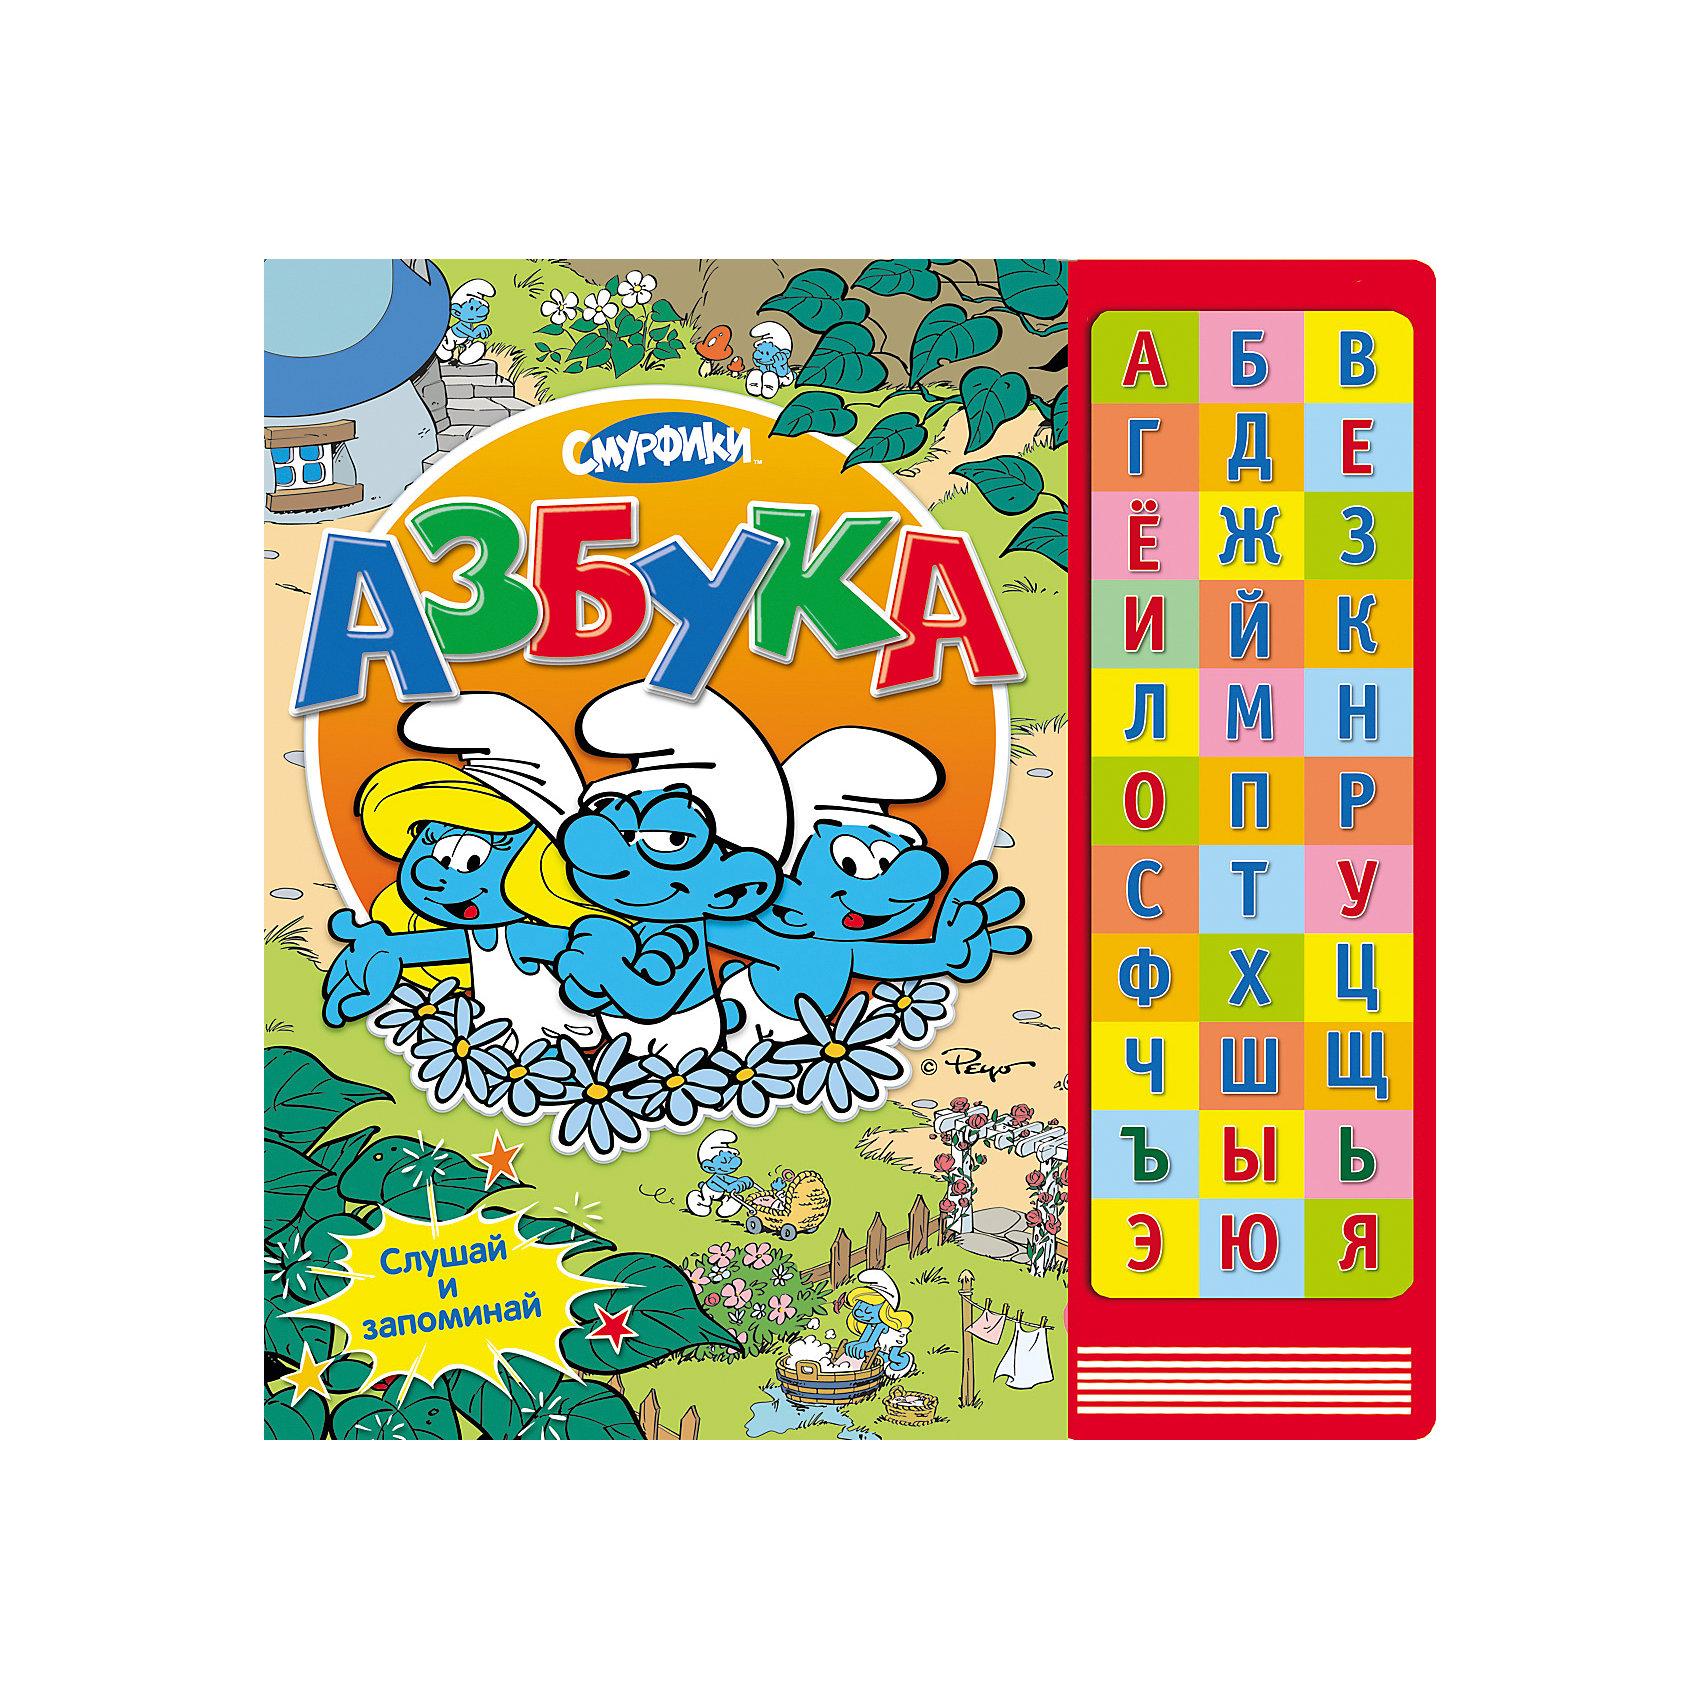 Книга с музыкальным модулем Азбука, СмурфикиКнига с музыкальным модулем Азбука, Смурфики<br><br>Характеристики:<br>- количество страниц: 16<br>- формат: 30 * 1,1 * 30 см.<br>- Тип обложки: 7Бц – твердая целлофинированная<br>- Иллюстрации: цветные<br>- вес: 720 гр.<br><br>Азбука с героями известного мультфильма синими смурфиками сделает изучение алфавита еще веселее. Благодаря музыкальному модулю ребенок может изучать алфавит сам. Тридцать три кнопки научат малыша произносить буквы, а увлекательные задания сделают изучение приятной игрой с любимыми персонажами. Ребенок может повторять звучание буков столько, сколько ему захочется. Нестандартный подход к изучению алфавита поможет привлечь внимание ребенка и принести больше результатов.<br><br>Книгу с музыкальным модулем Азбука, Смурфики можно купить в нашем интернет-магазине.<br><br>Ширина мм: 300<br>Глубина мм: 300<br>Высота мм: 11<br>Вес г: 720<br>Возраст от месяцев: 0<br>Возраст до месяцев: 36<br>Пол: Унисекс<br>Возраст: Детский<br>SKU: 5109577